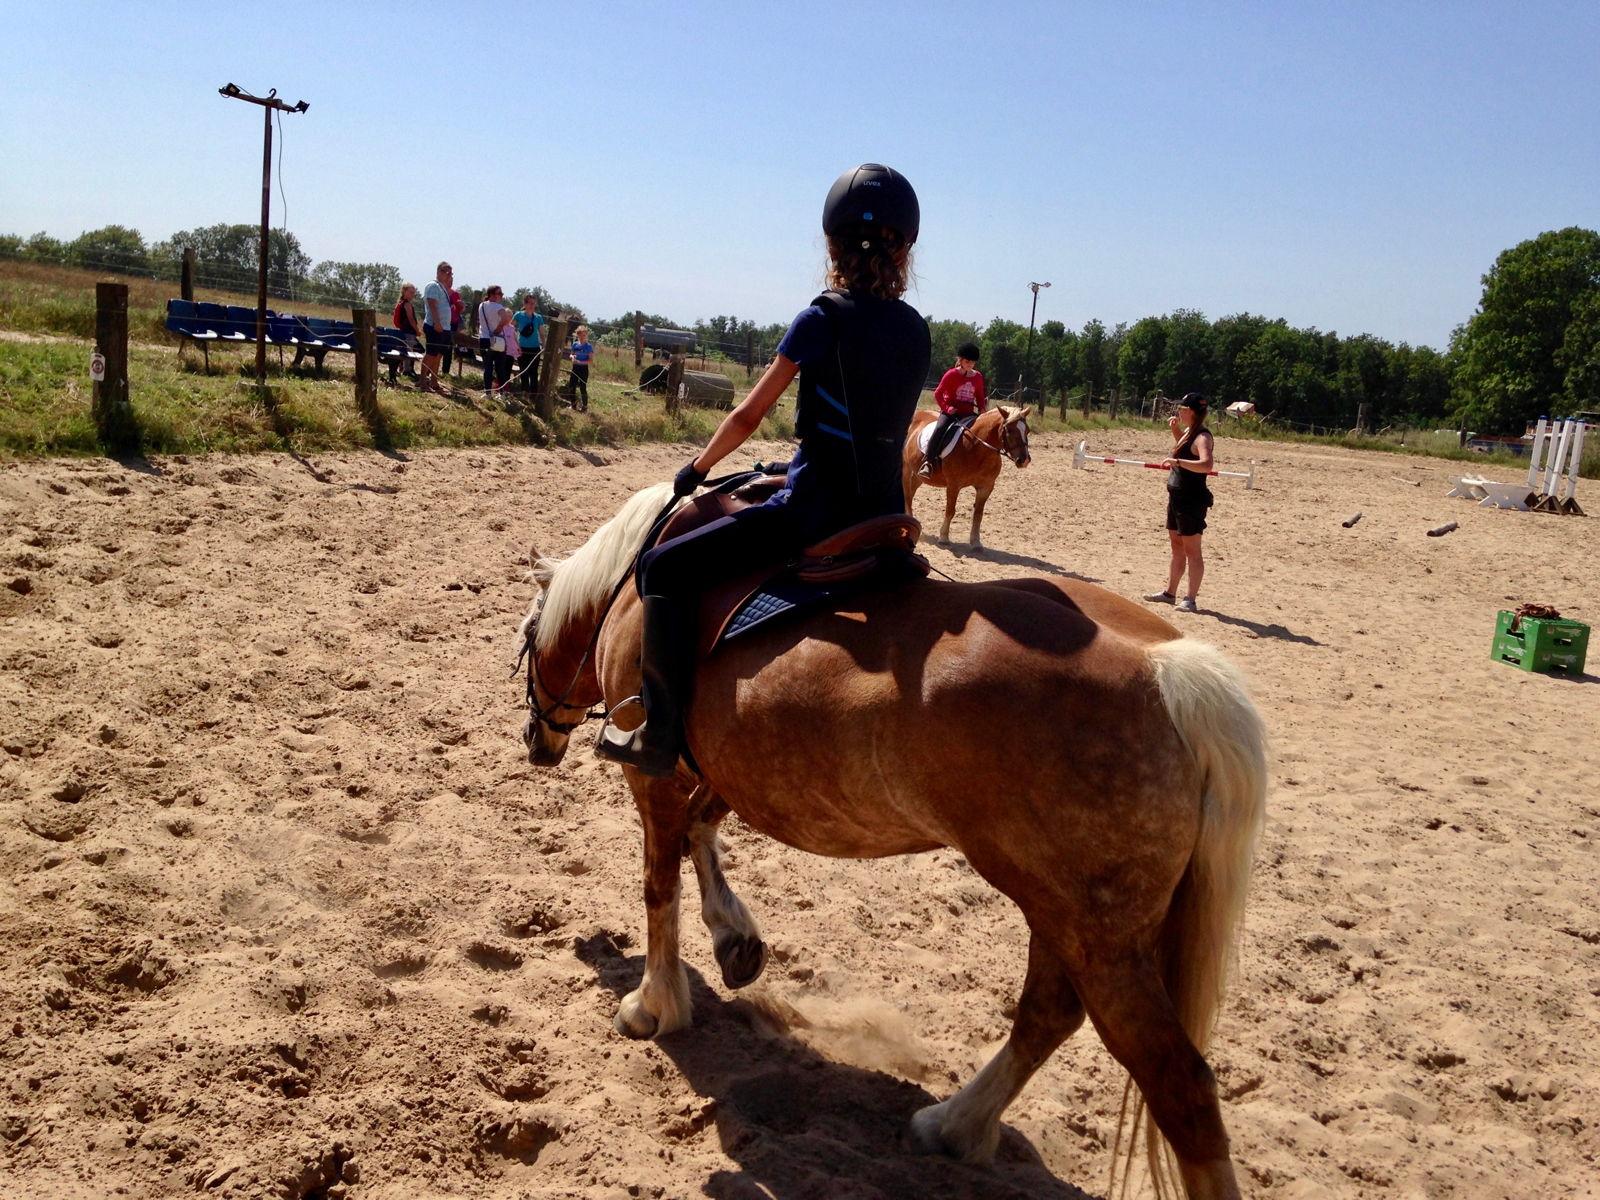 Kinder Reiterferien an der Ostsee